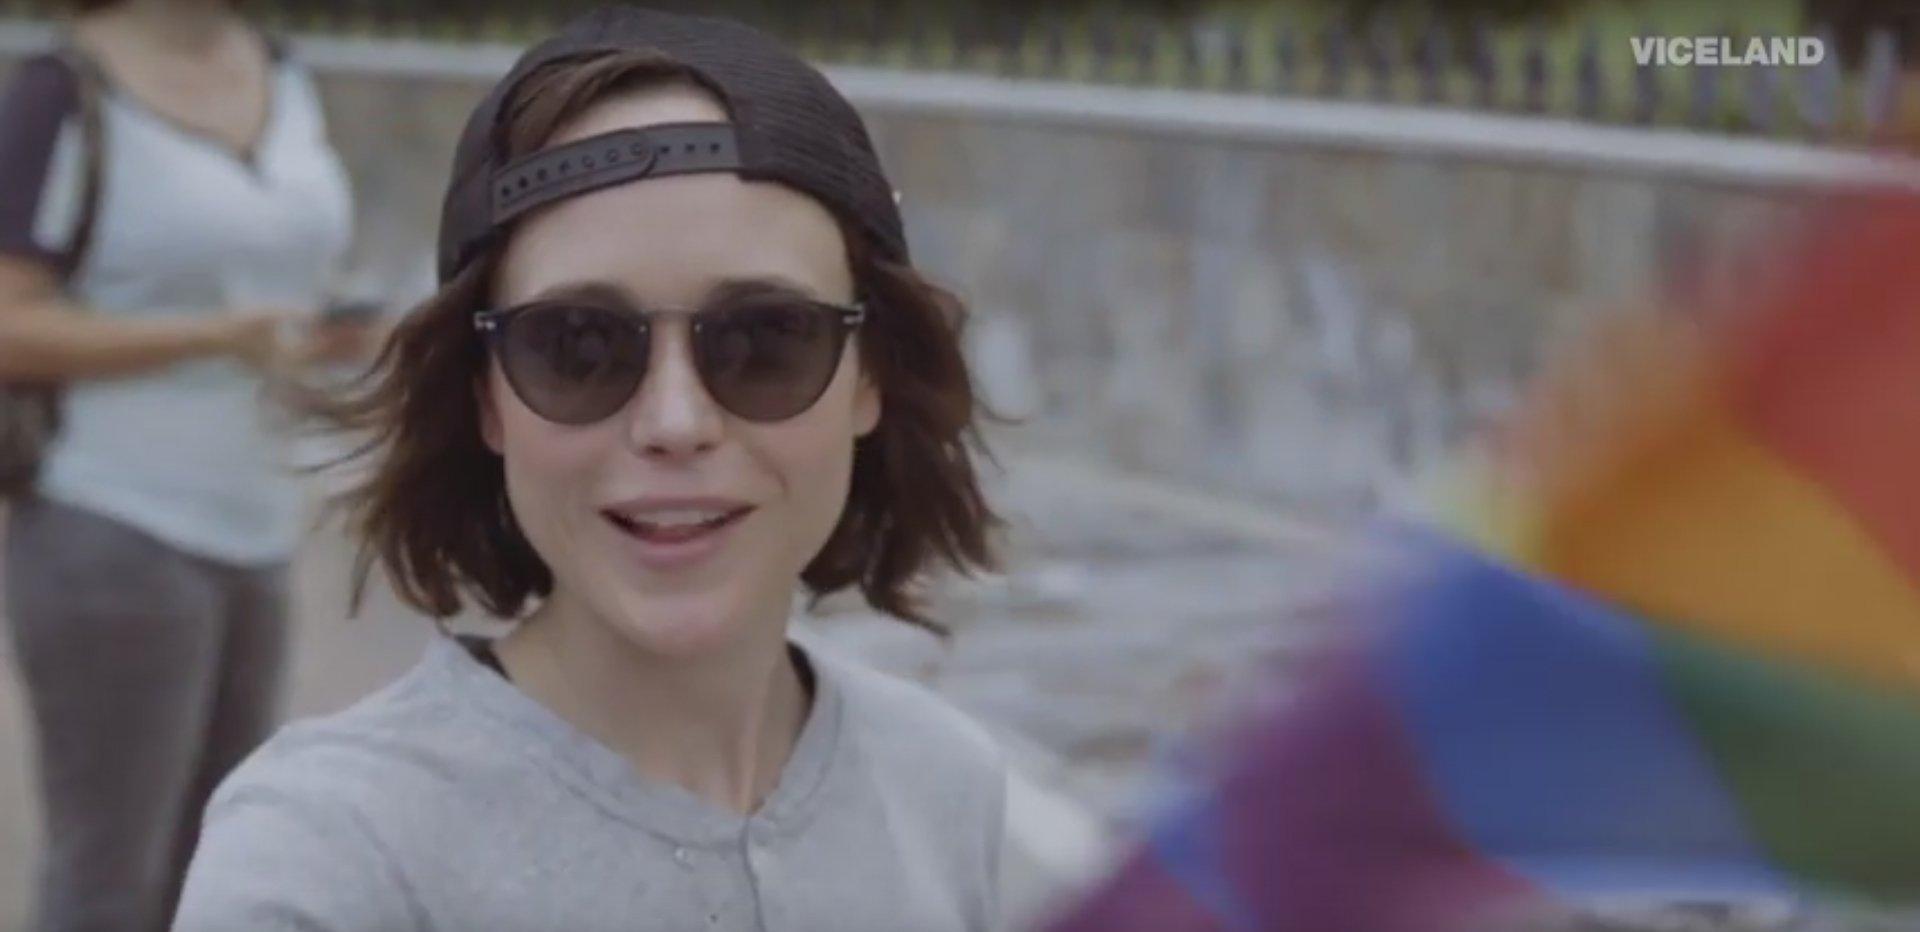 La bande-annonce de Gaycation avec Ellen Page vient d'être dévoilée